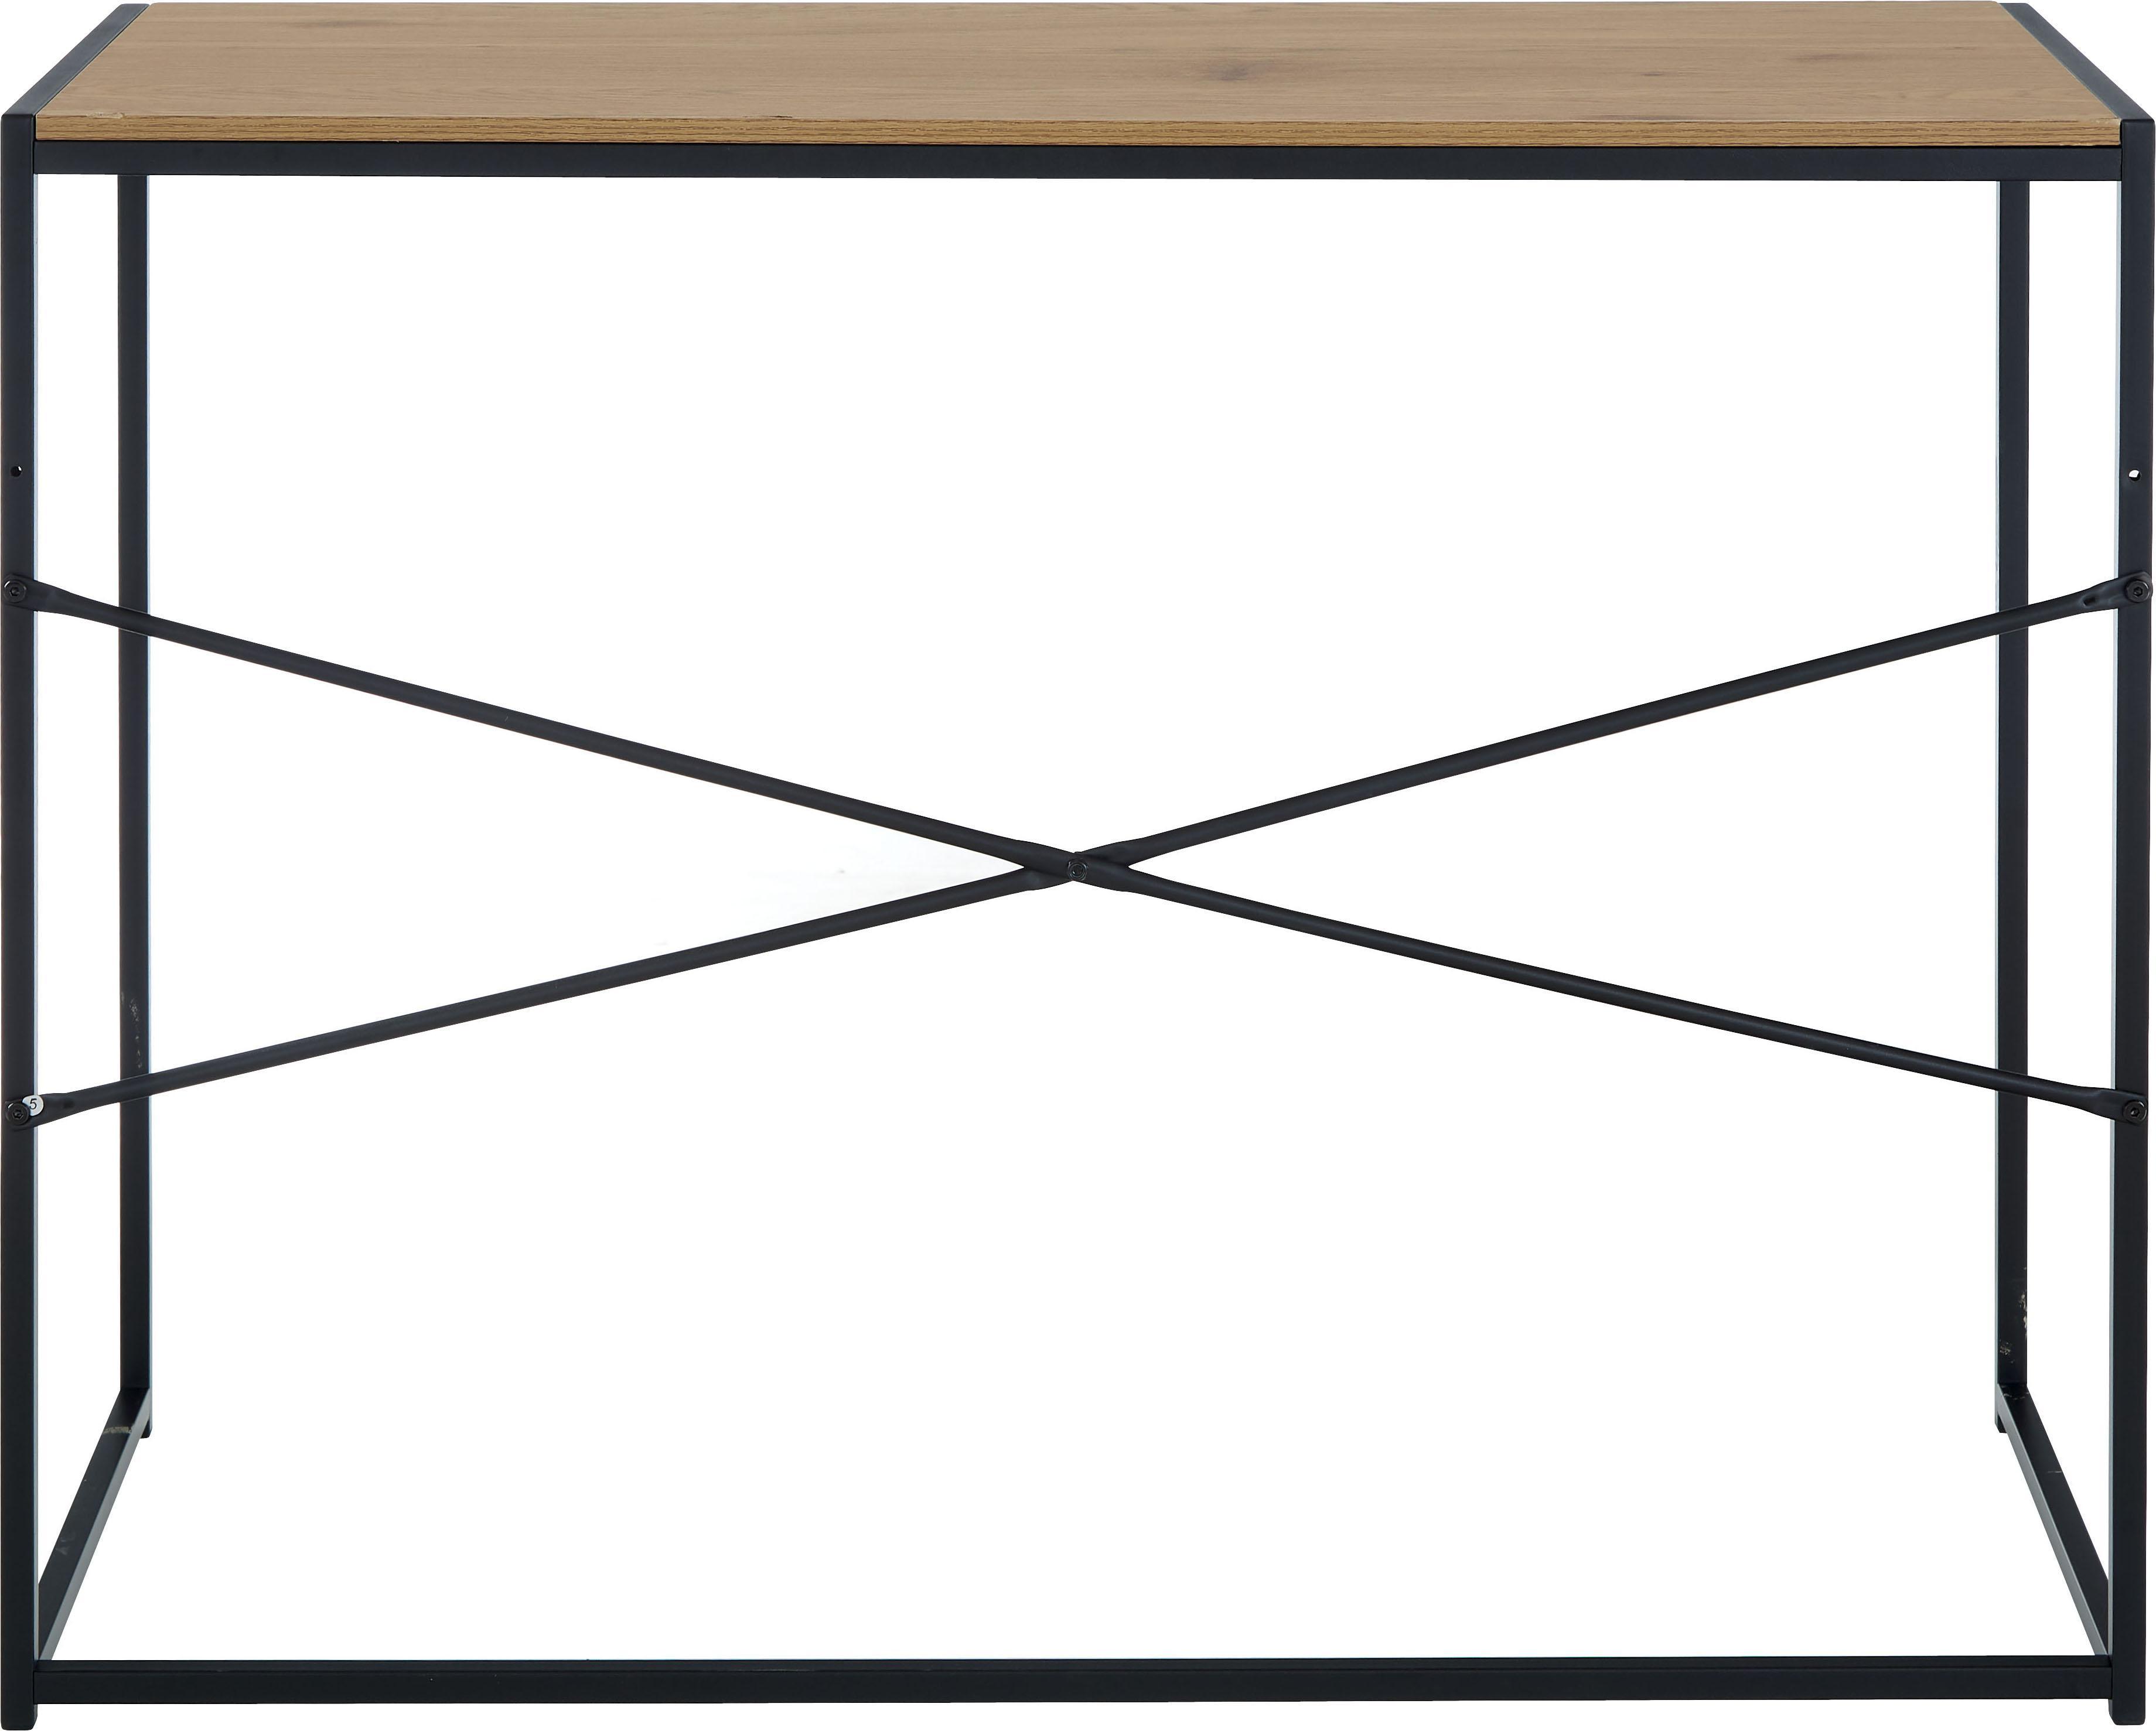 Schmaler Schreibtisch Seaford aus Holz und Metall, Tischplatte: Mitteldichte Holzfaserpla, Gestell: Metall, pulverbeschichtet, Tischplatte: Wildeiche Gestell: Schwarz, B 100 x T 45 cm